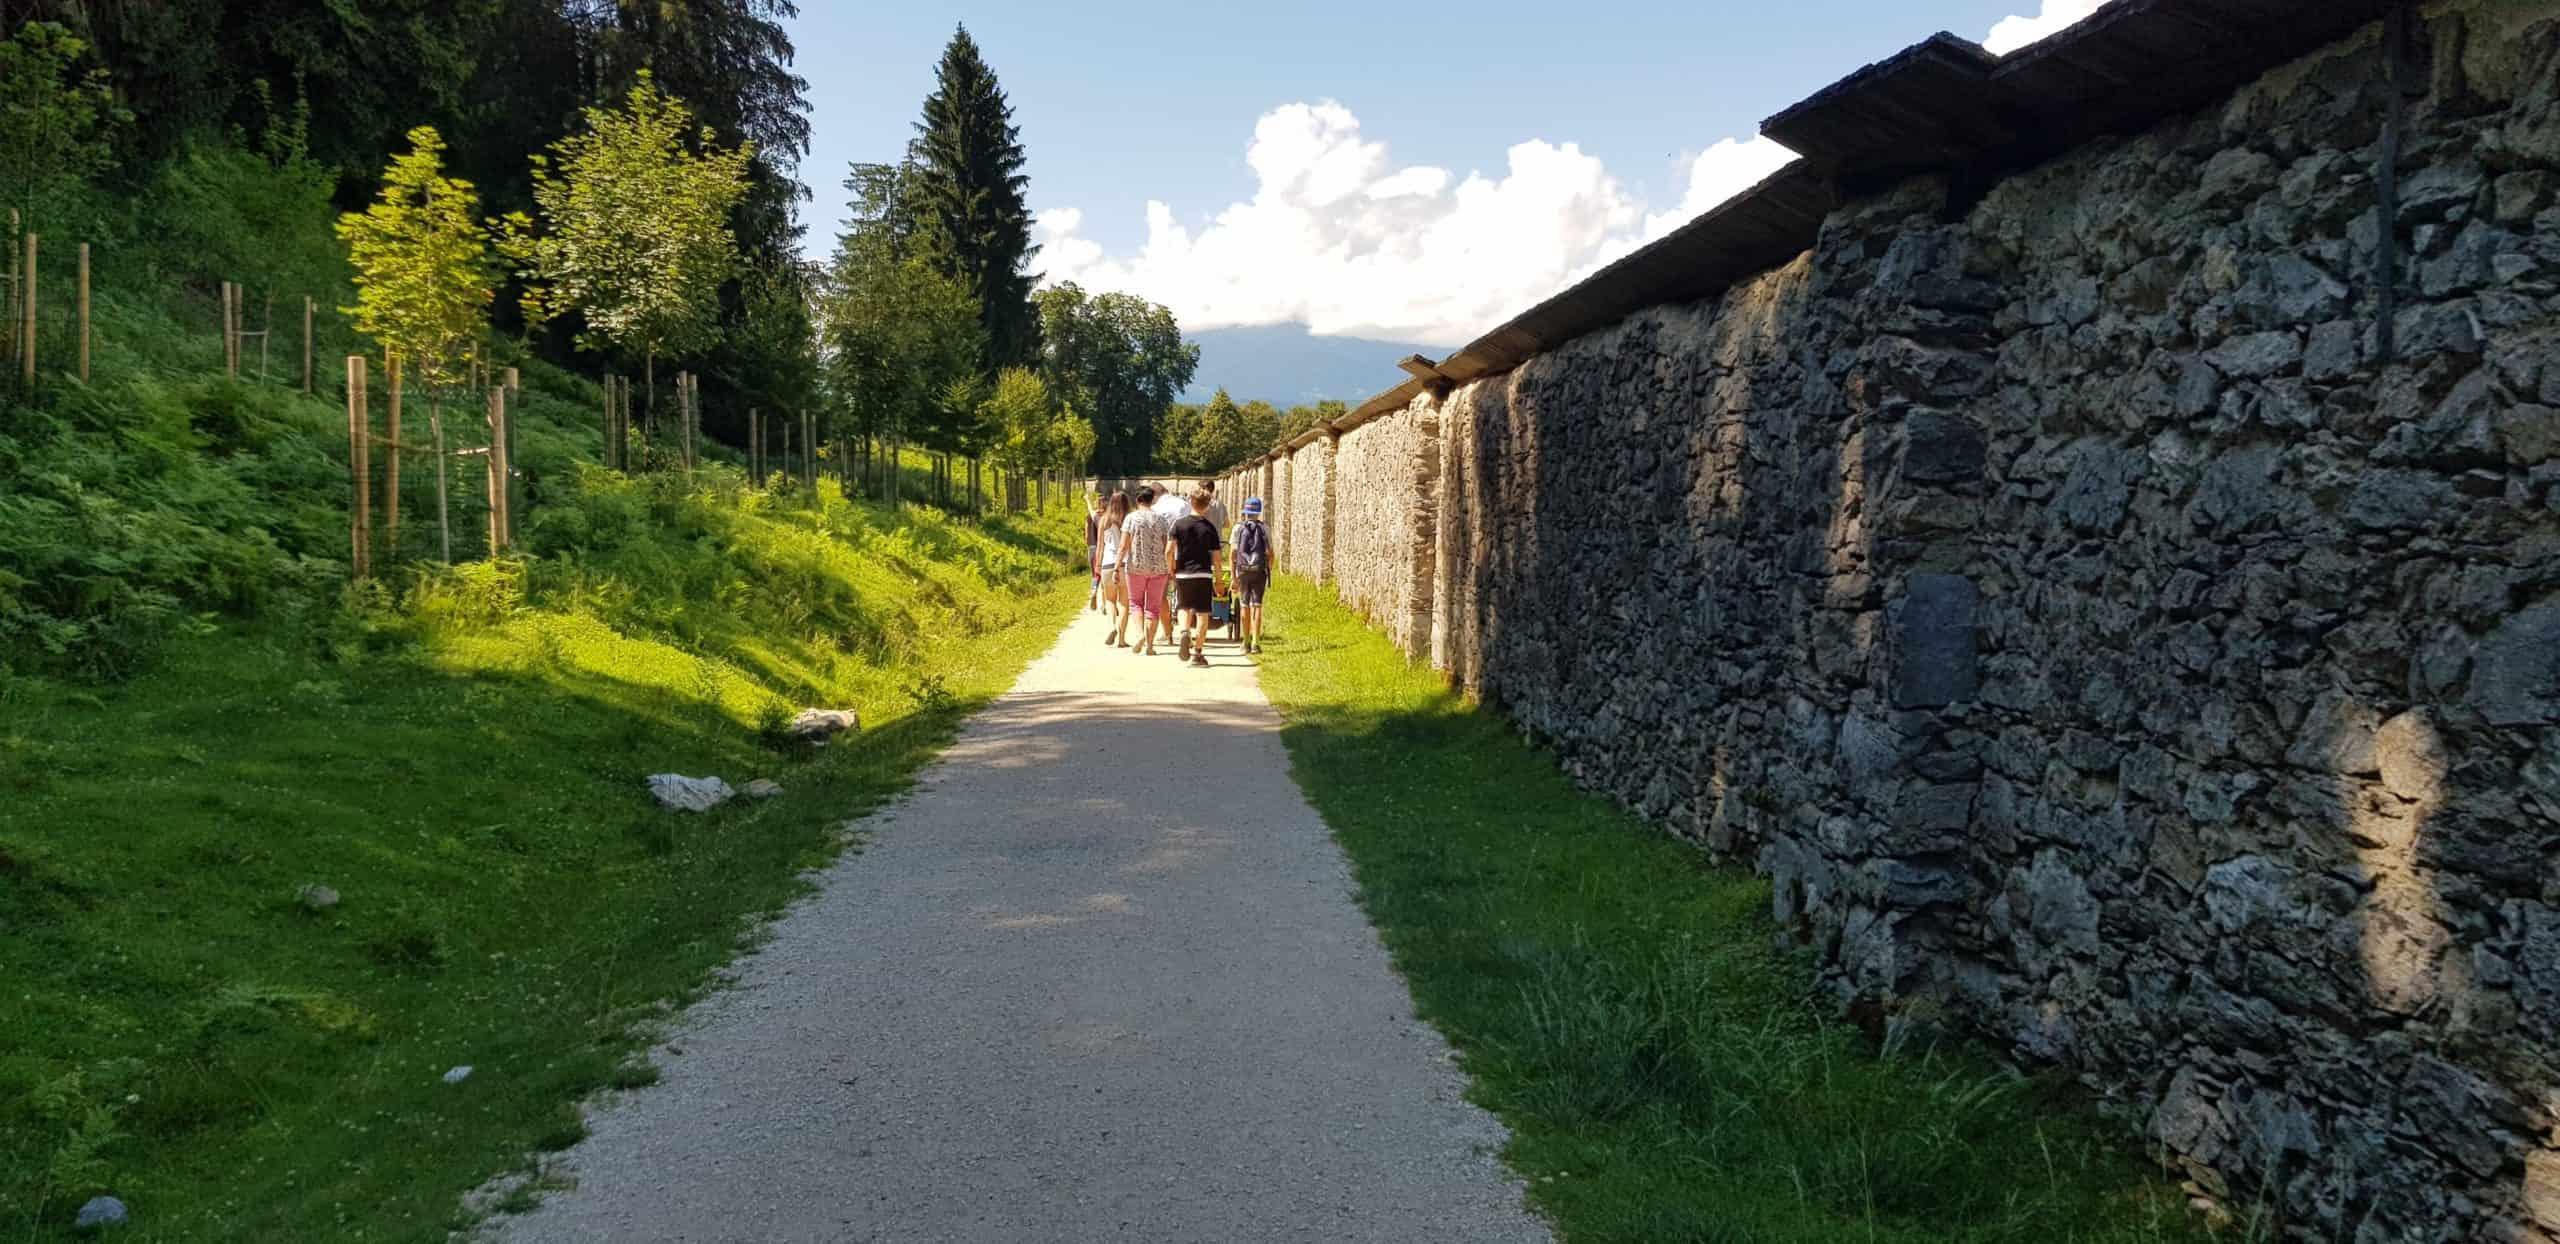 kinderwagentaugliche Wege entlang historischer Mauern im Wildtierpark Rosegg